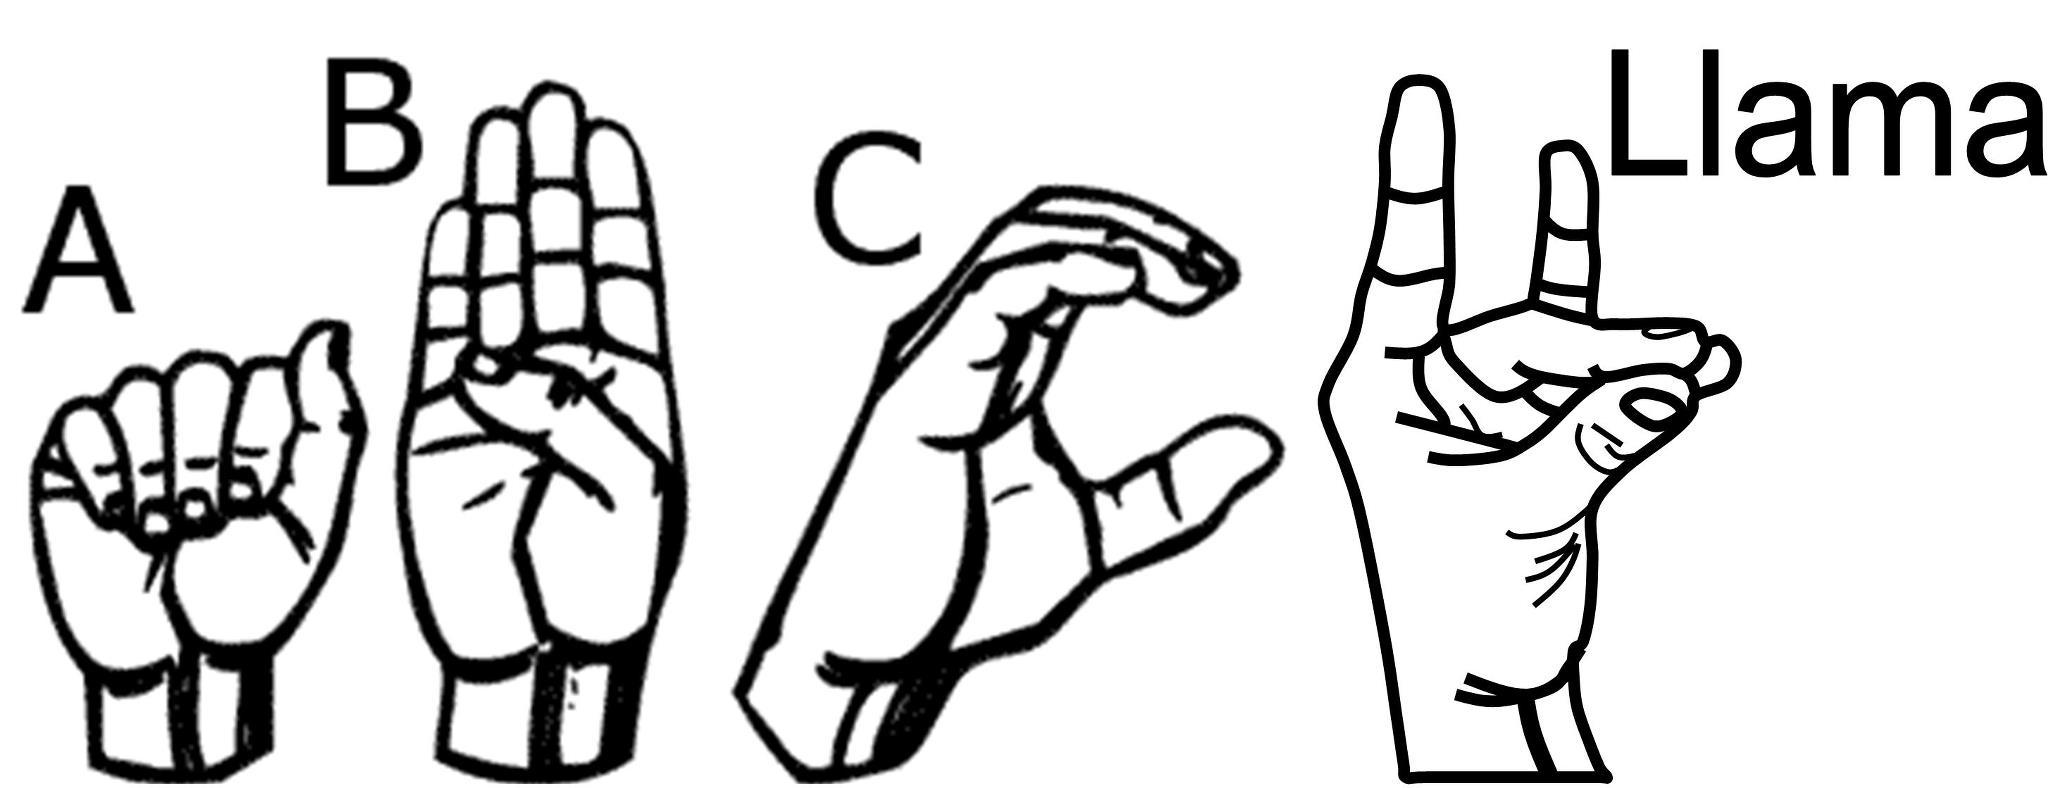 A.D.D. Sign Language